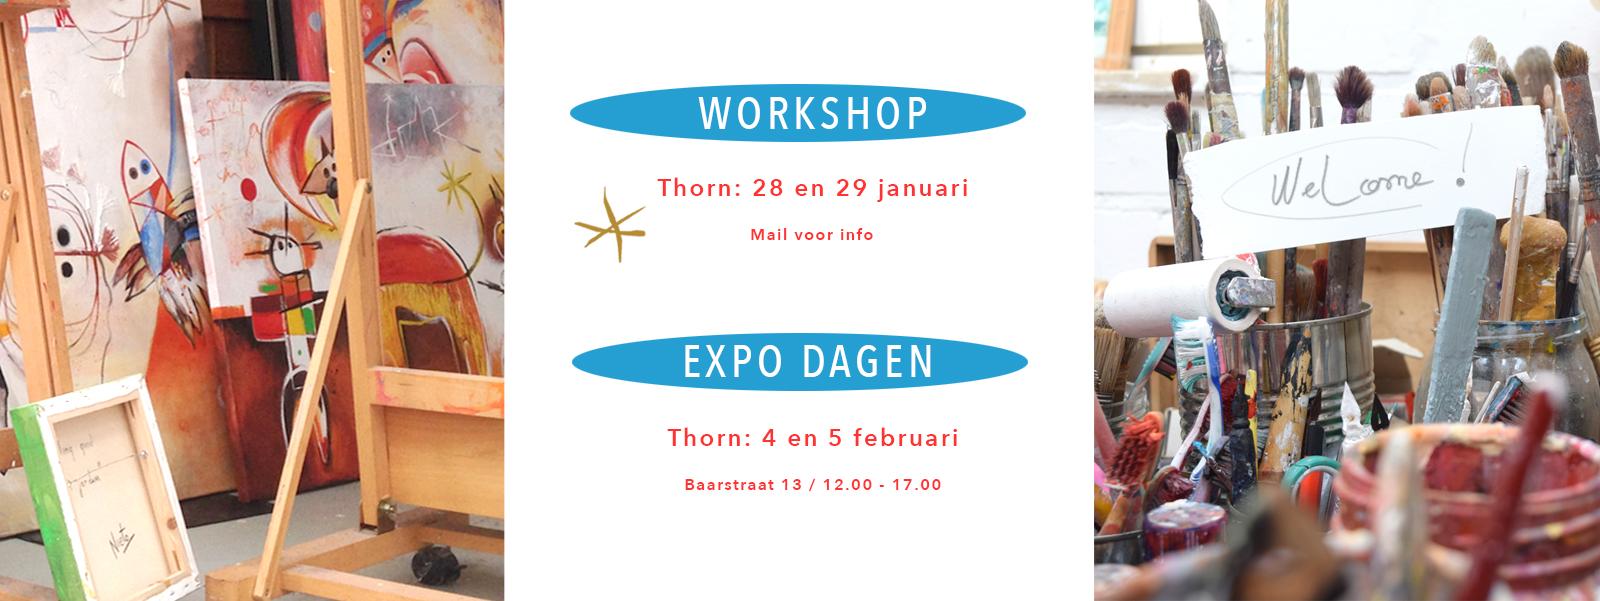 Expo - workshops Angeles Nieto